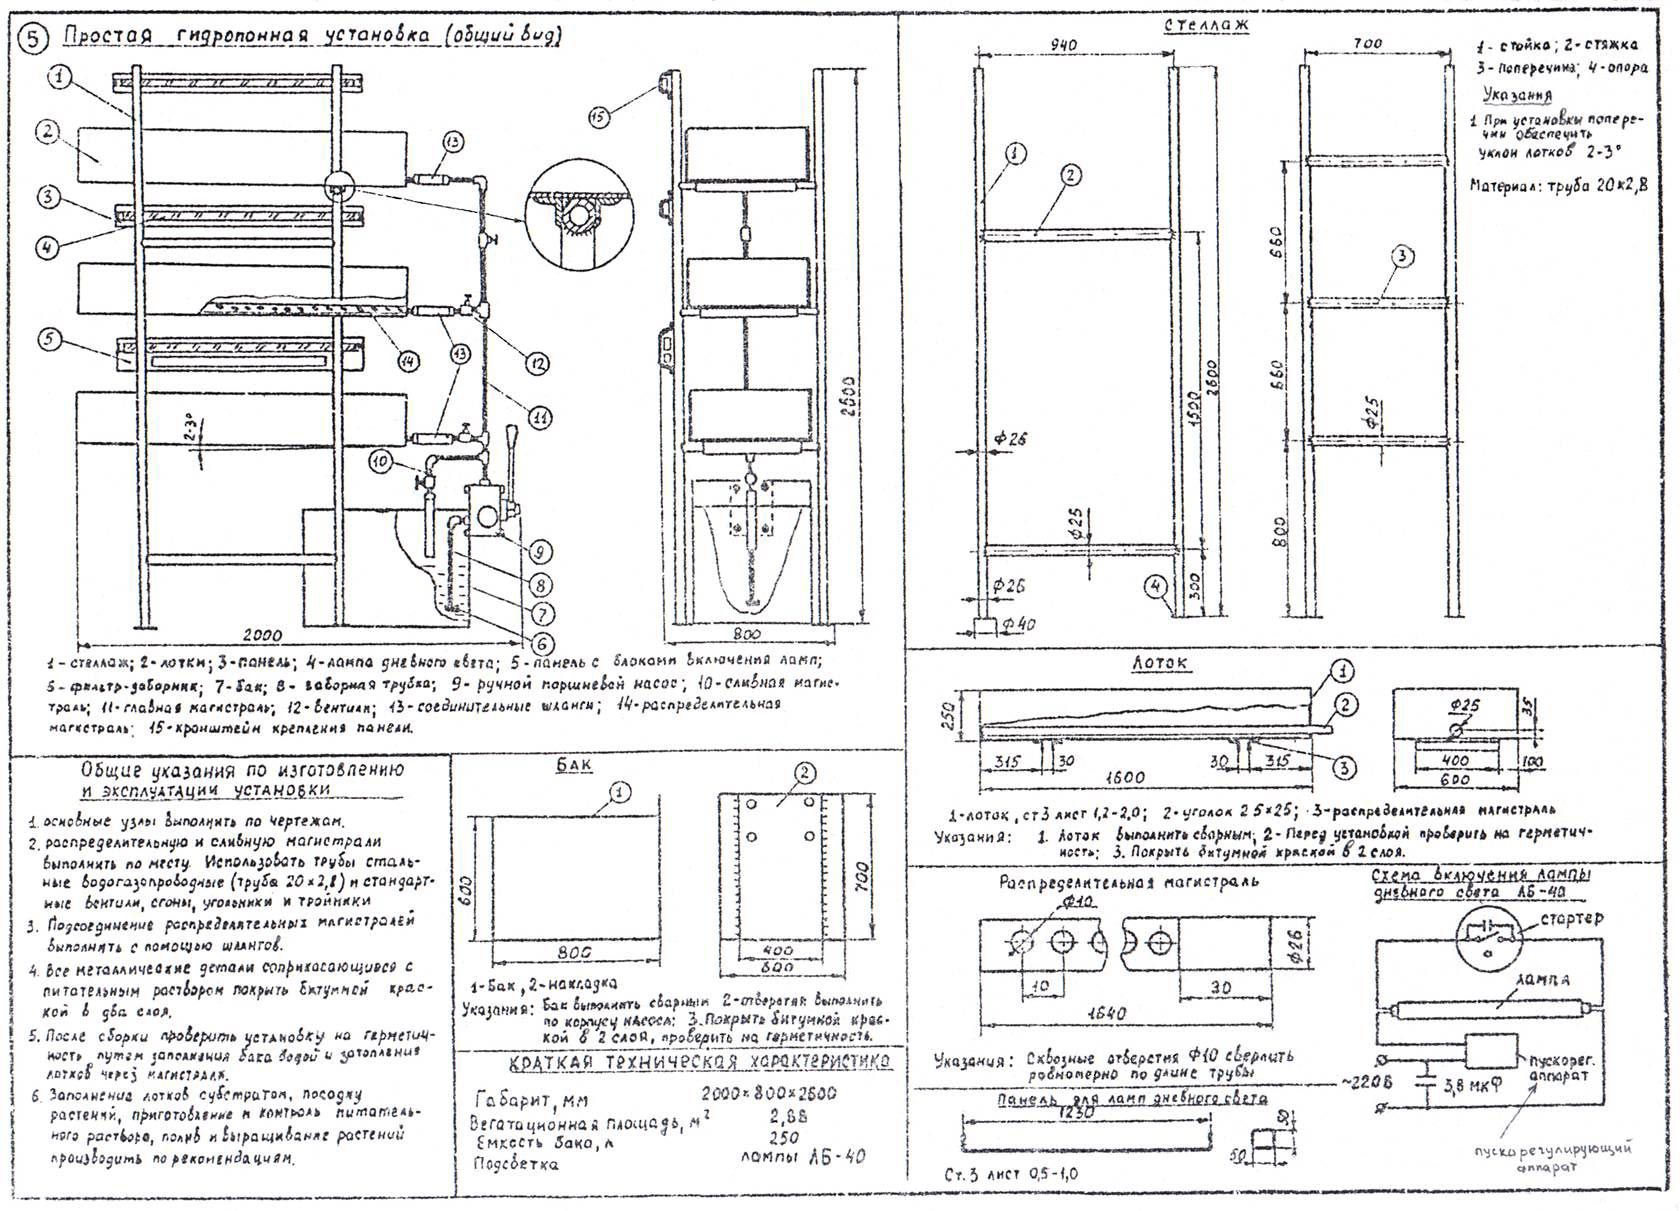 Книга гидропонные установки 5 схем скачать бесплатно